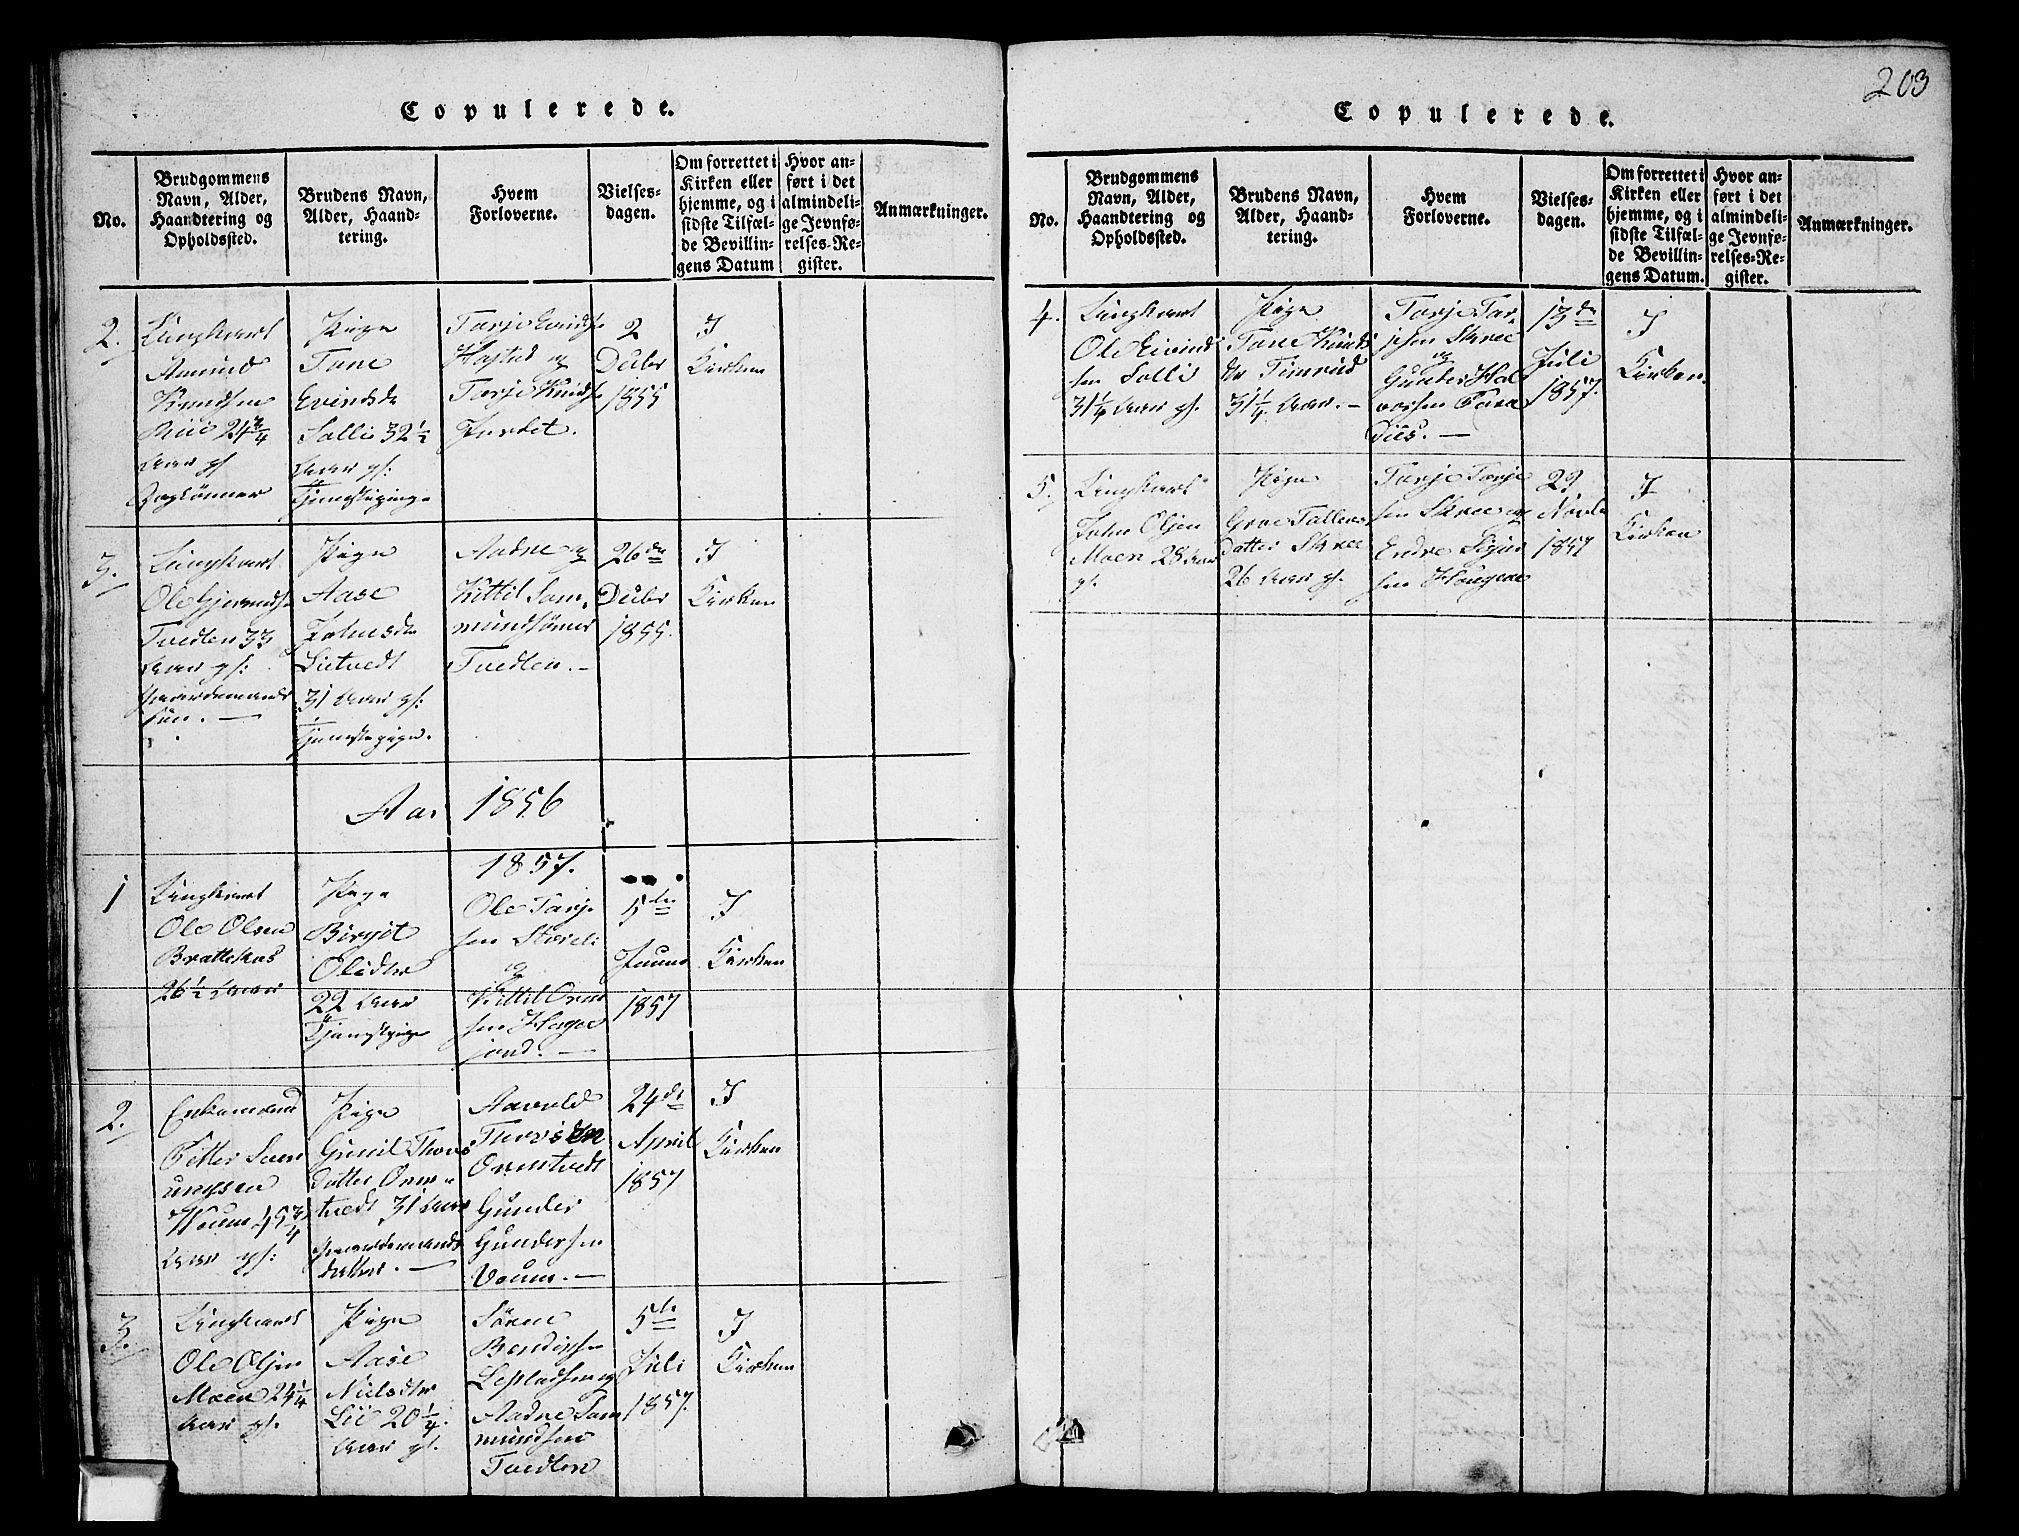 SAKO, Fyresdal kirkebøker, G/Ga/L0003: Klokkerbok nr. I 3, 1815-1863, s. 203